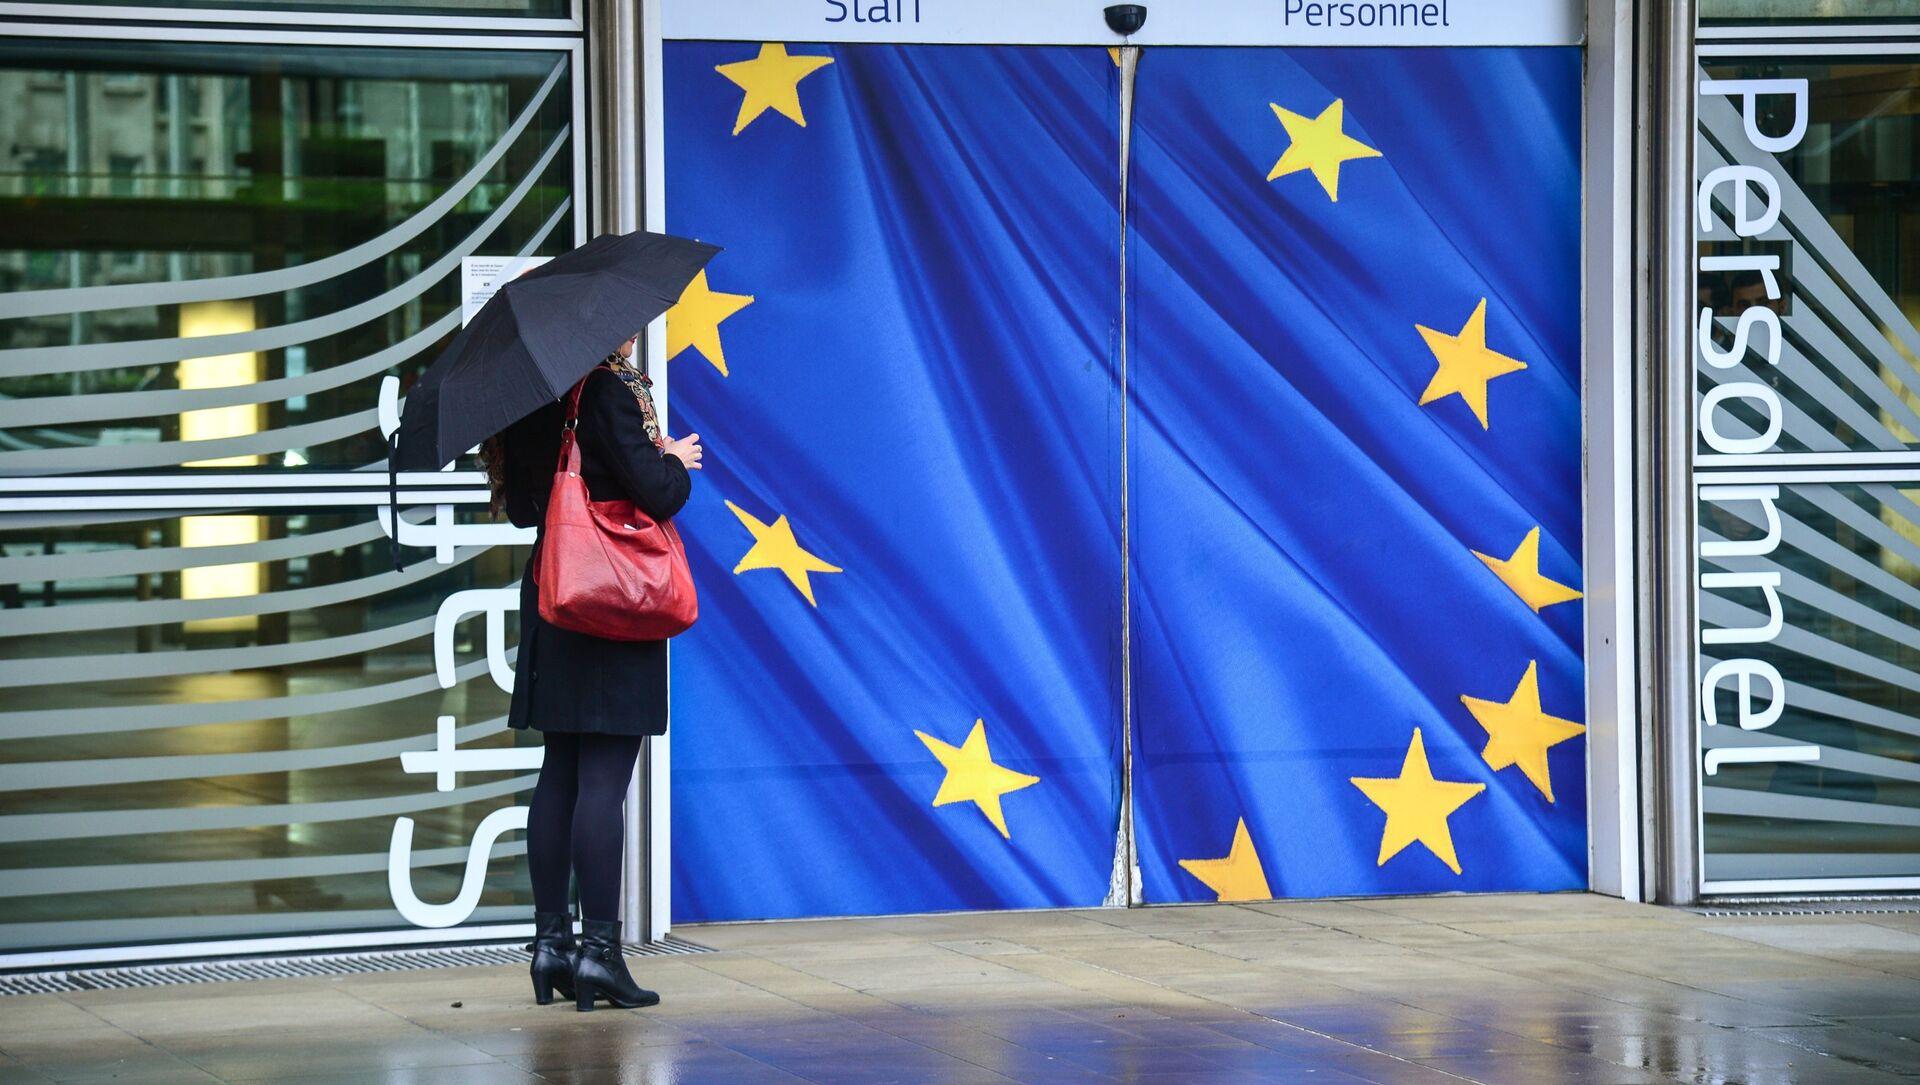 Vchod do budovy Evropské komise v Bruselu. Ilustrační foto - Sputnik Česká republika, 1920, 27.03.2021